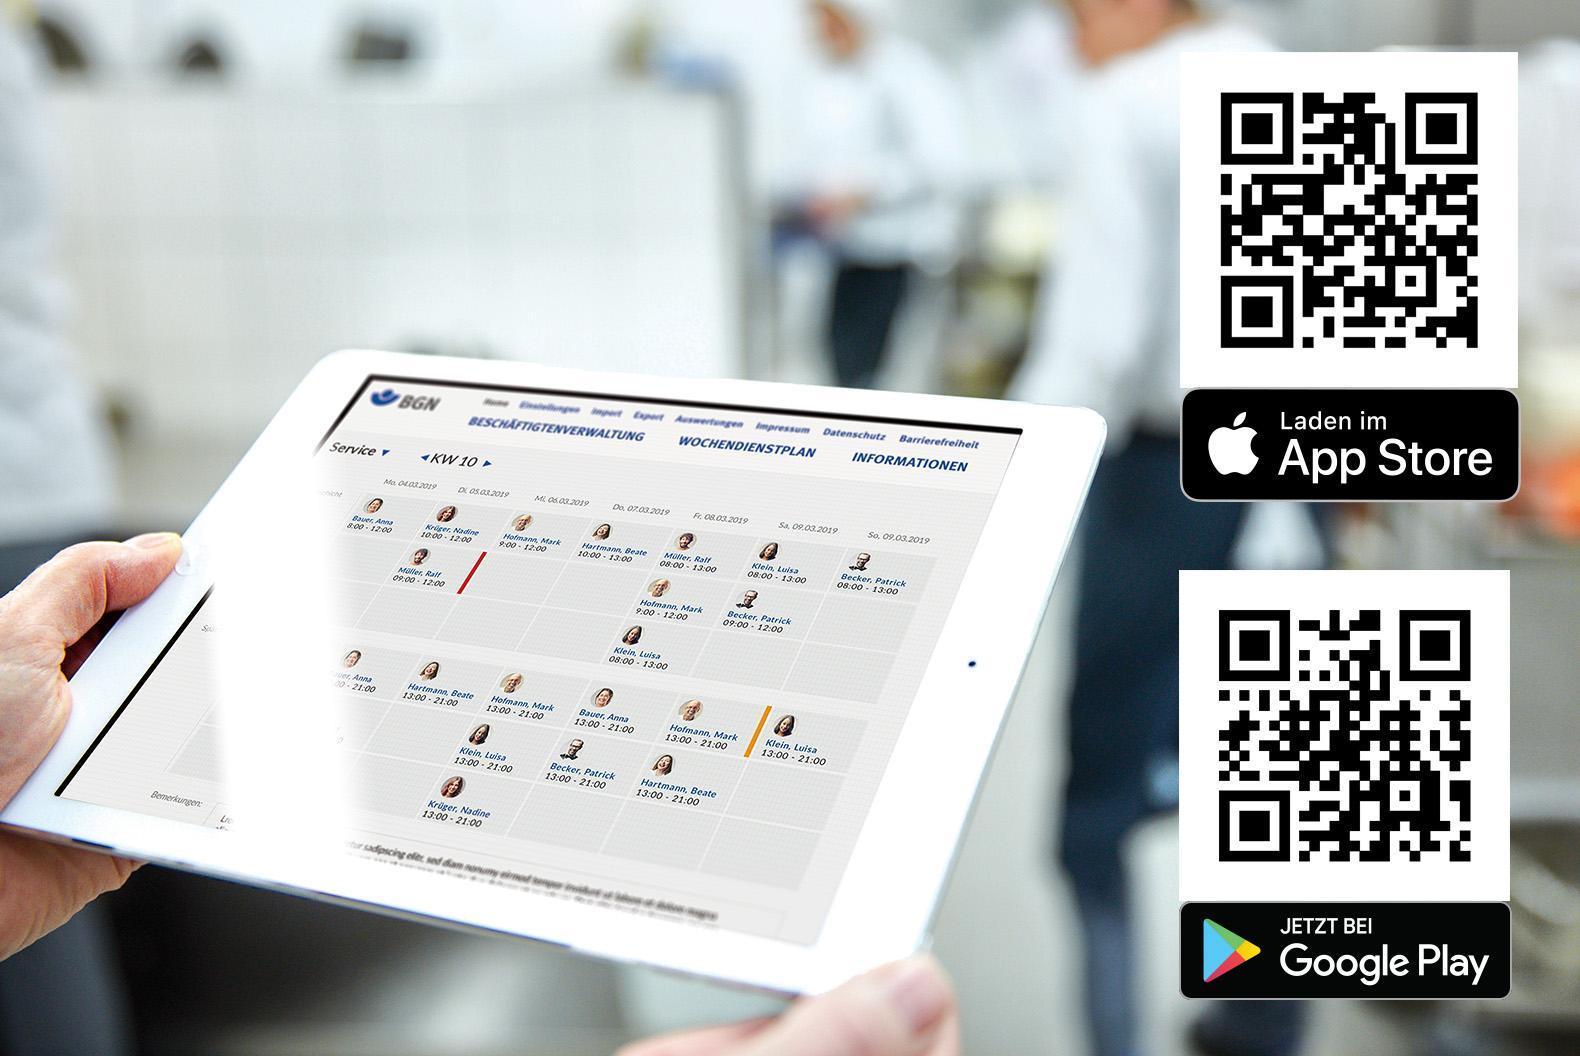 BGN-Dienstplan-App geöffnet auf einem Tablet